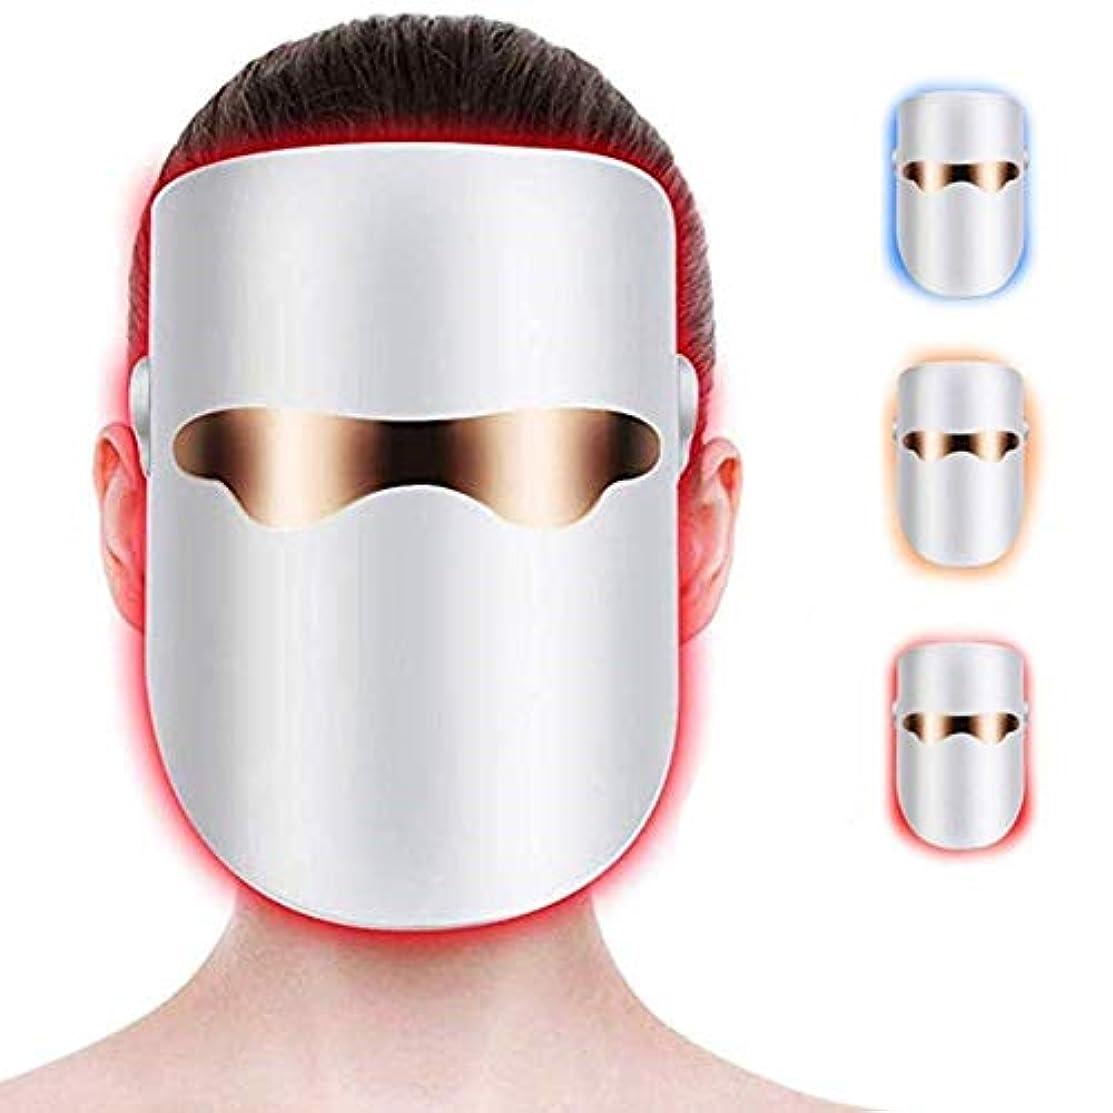 スマイルオーナメント最初はLEDフォトンフェイスマスク、しわ用美容スキンケアマスク、にきびアンチエイジング